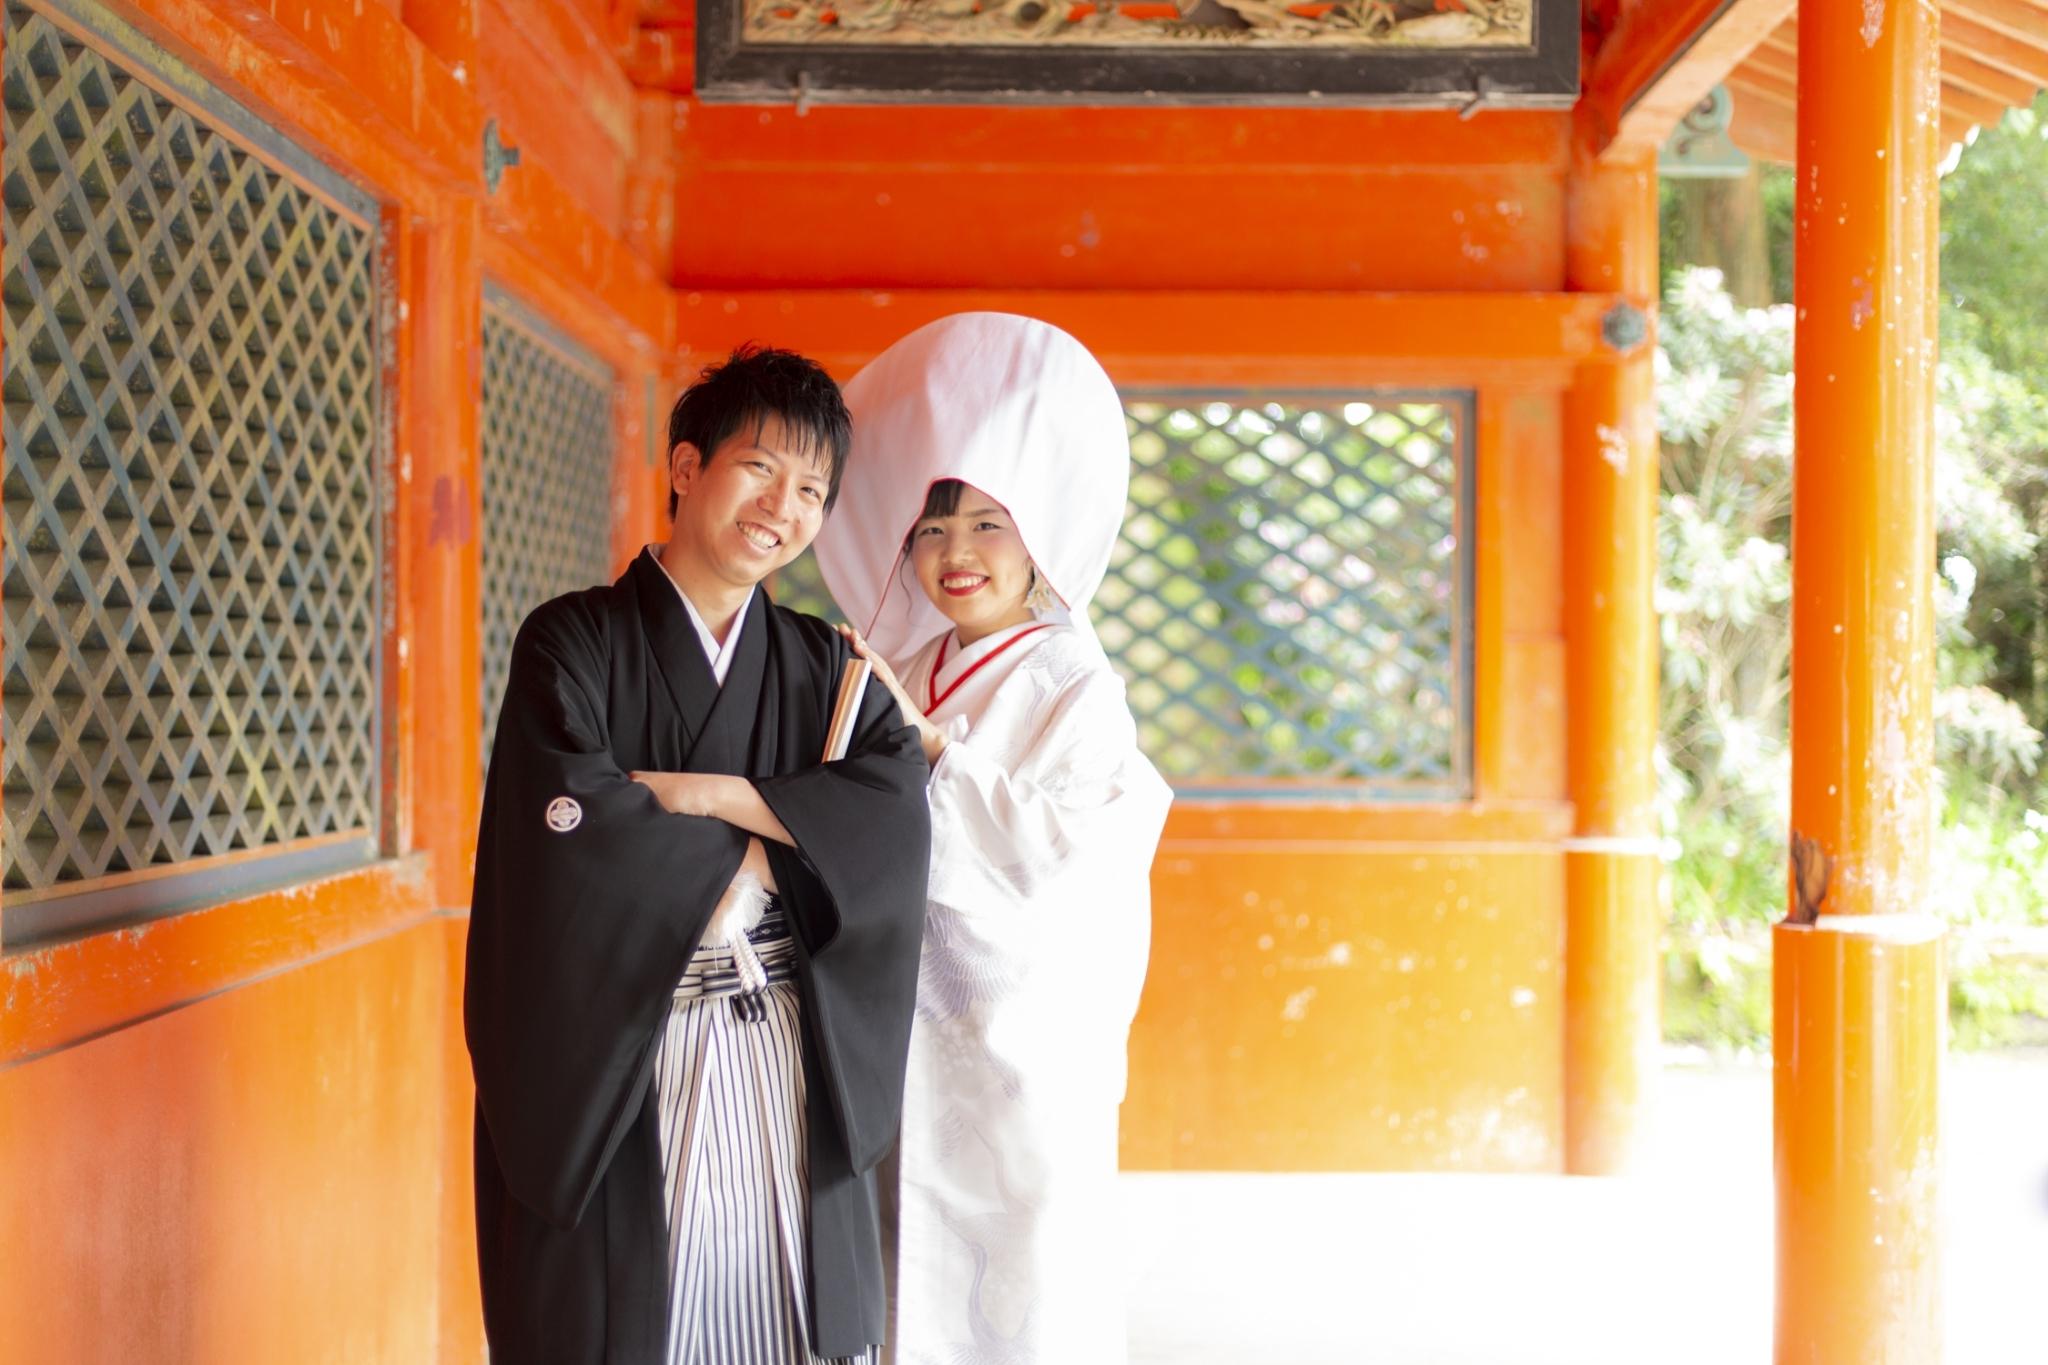 【箱根神社】<br/>神前式とお好きな旅館への<br/>1泊2日温泉旅行プラン